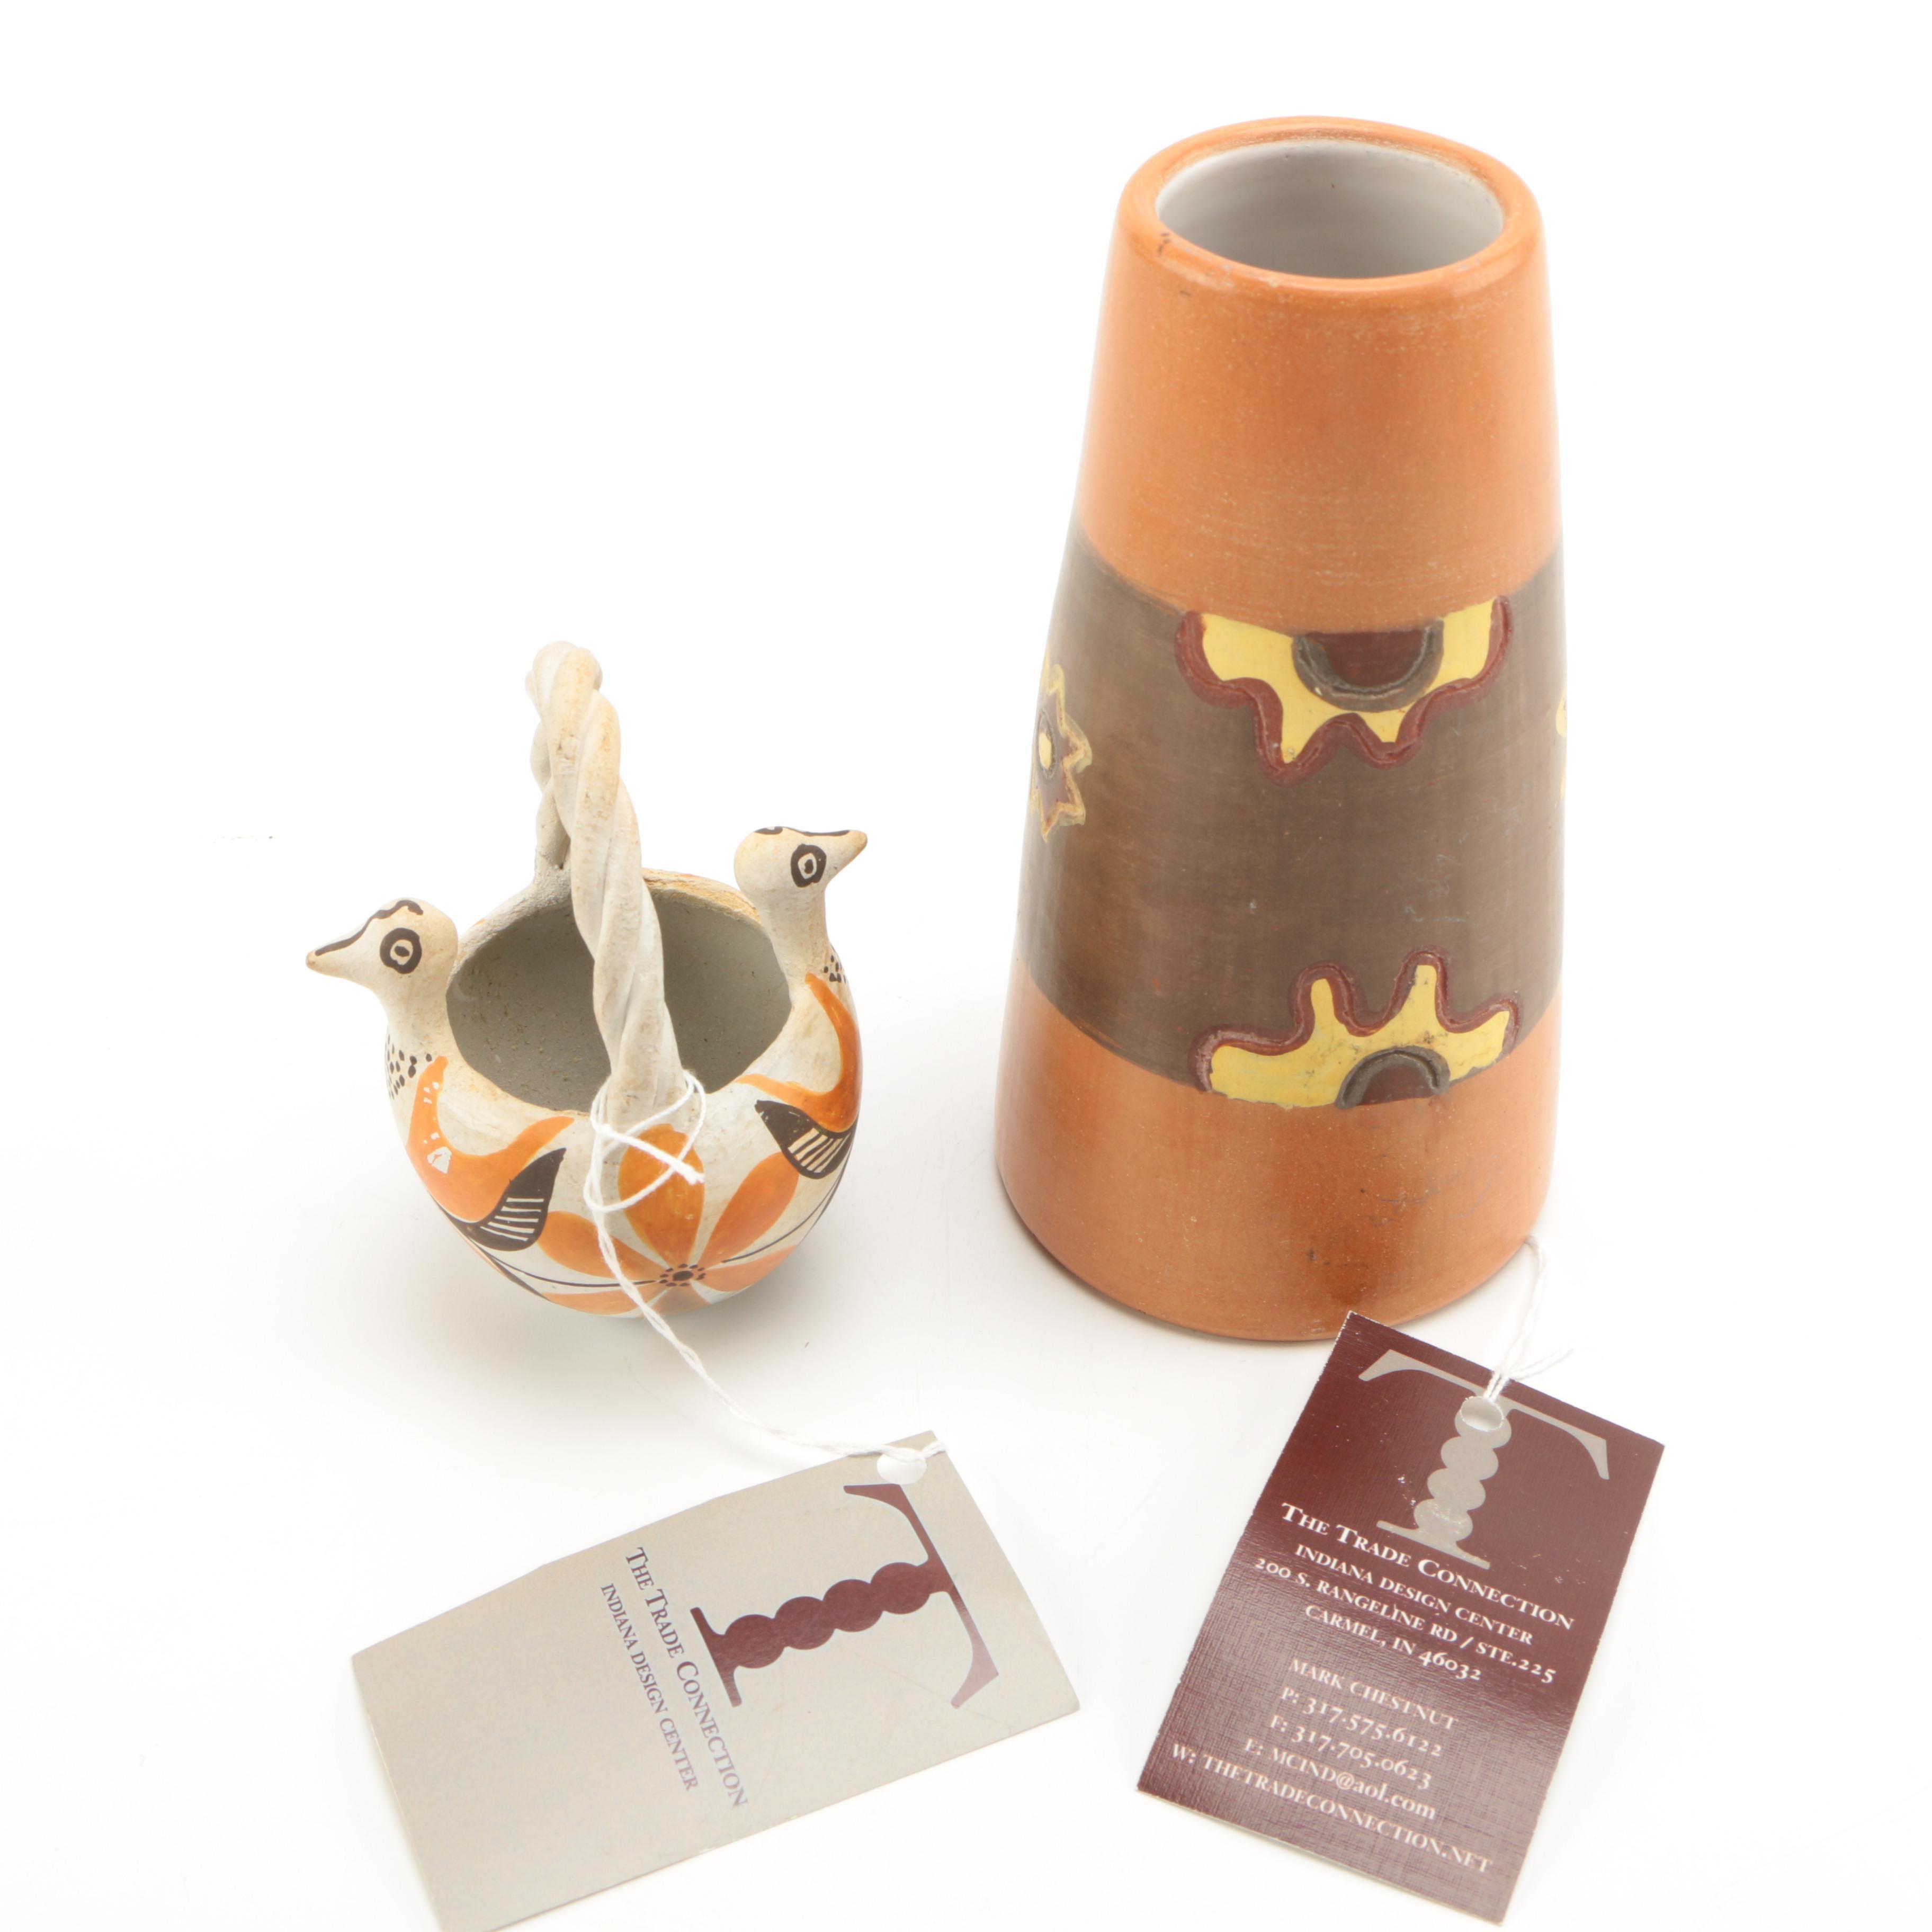 Acoma Pueblo Ceramic Miniature and Urubamba Vase